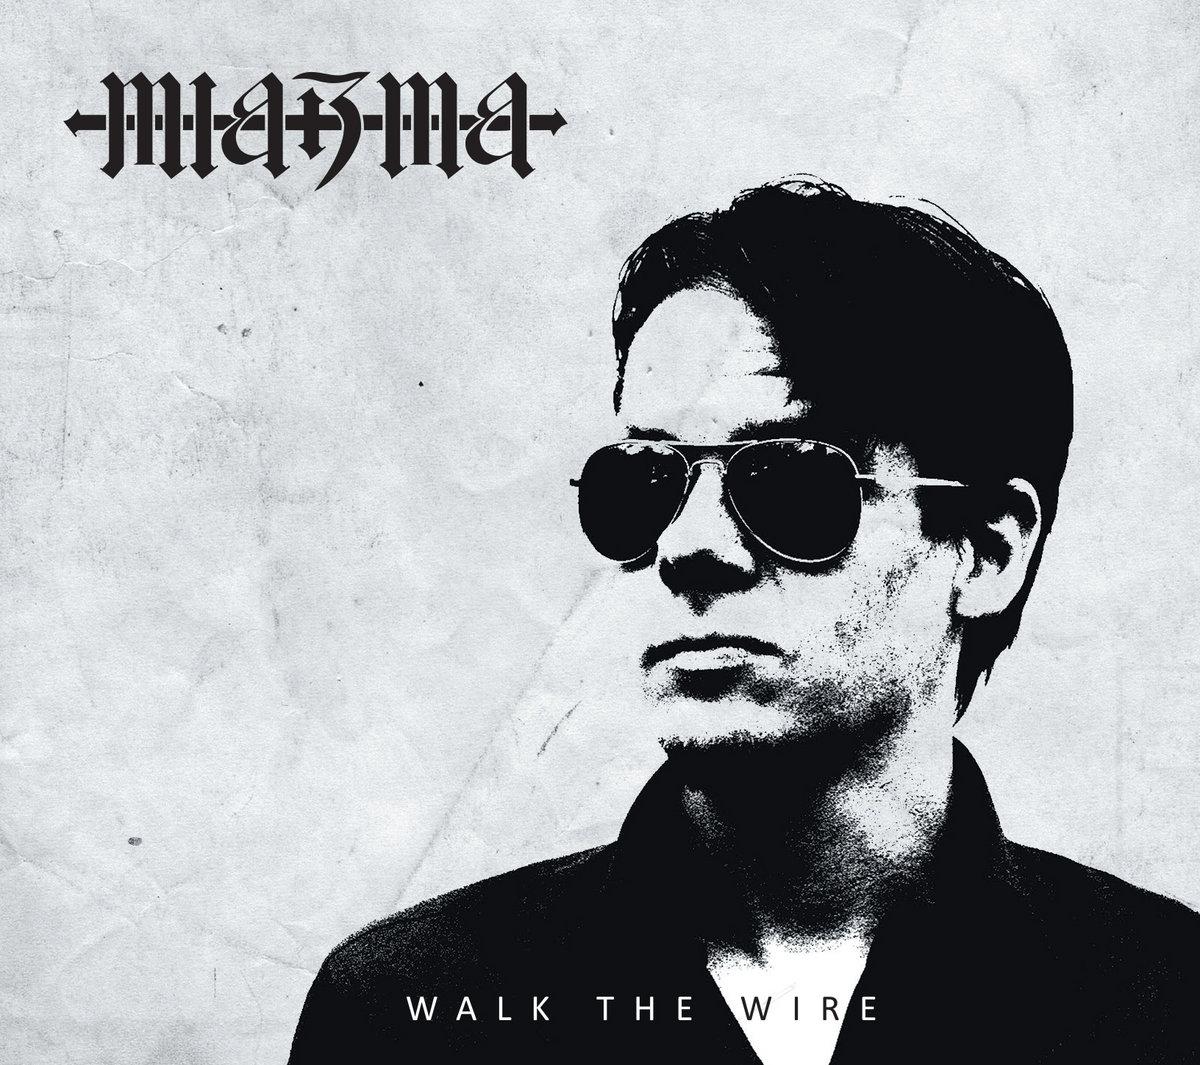 Walk The Wire   Miazma